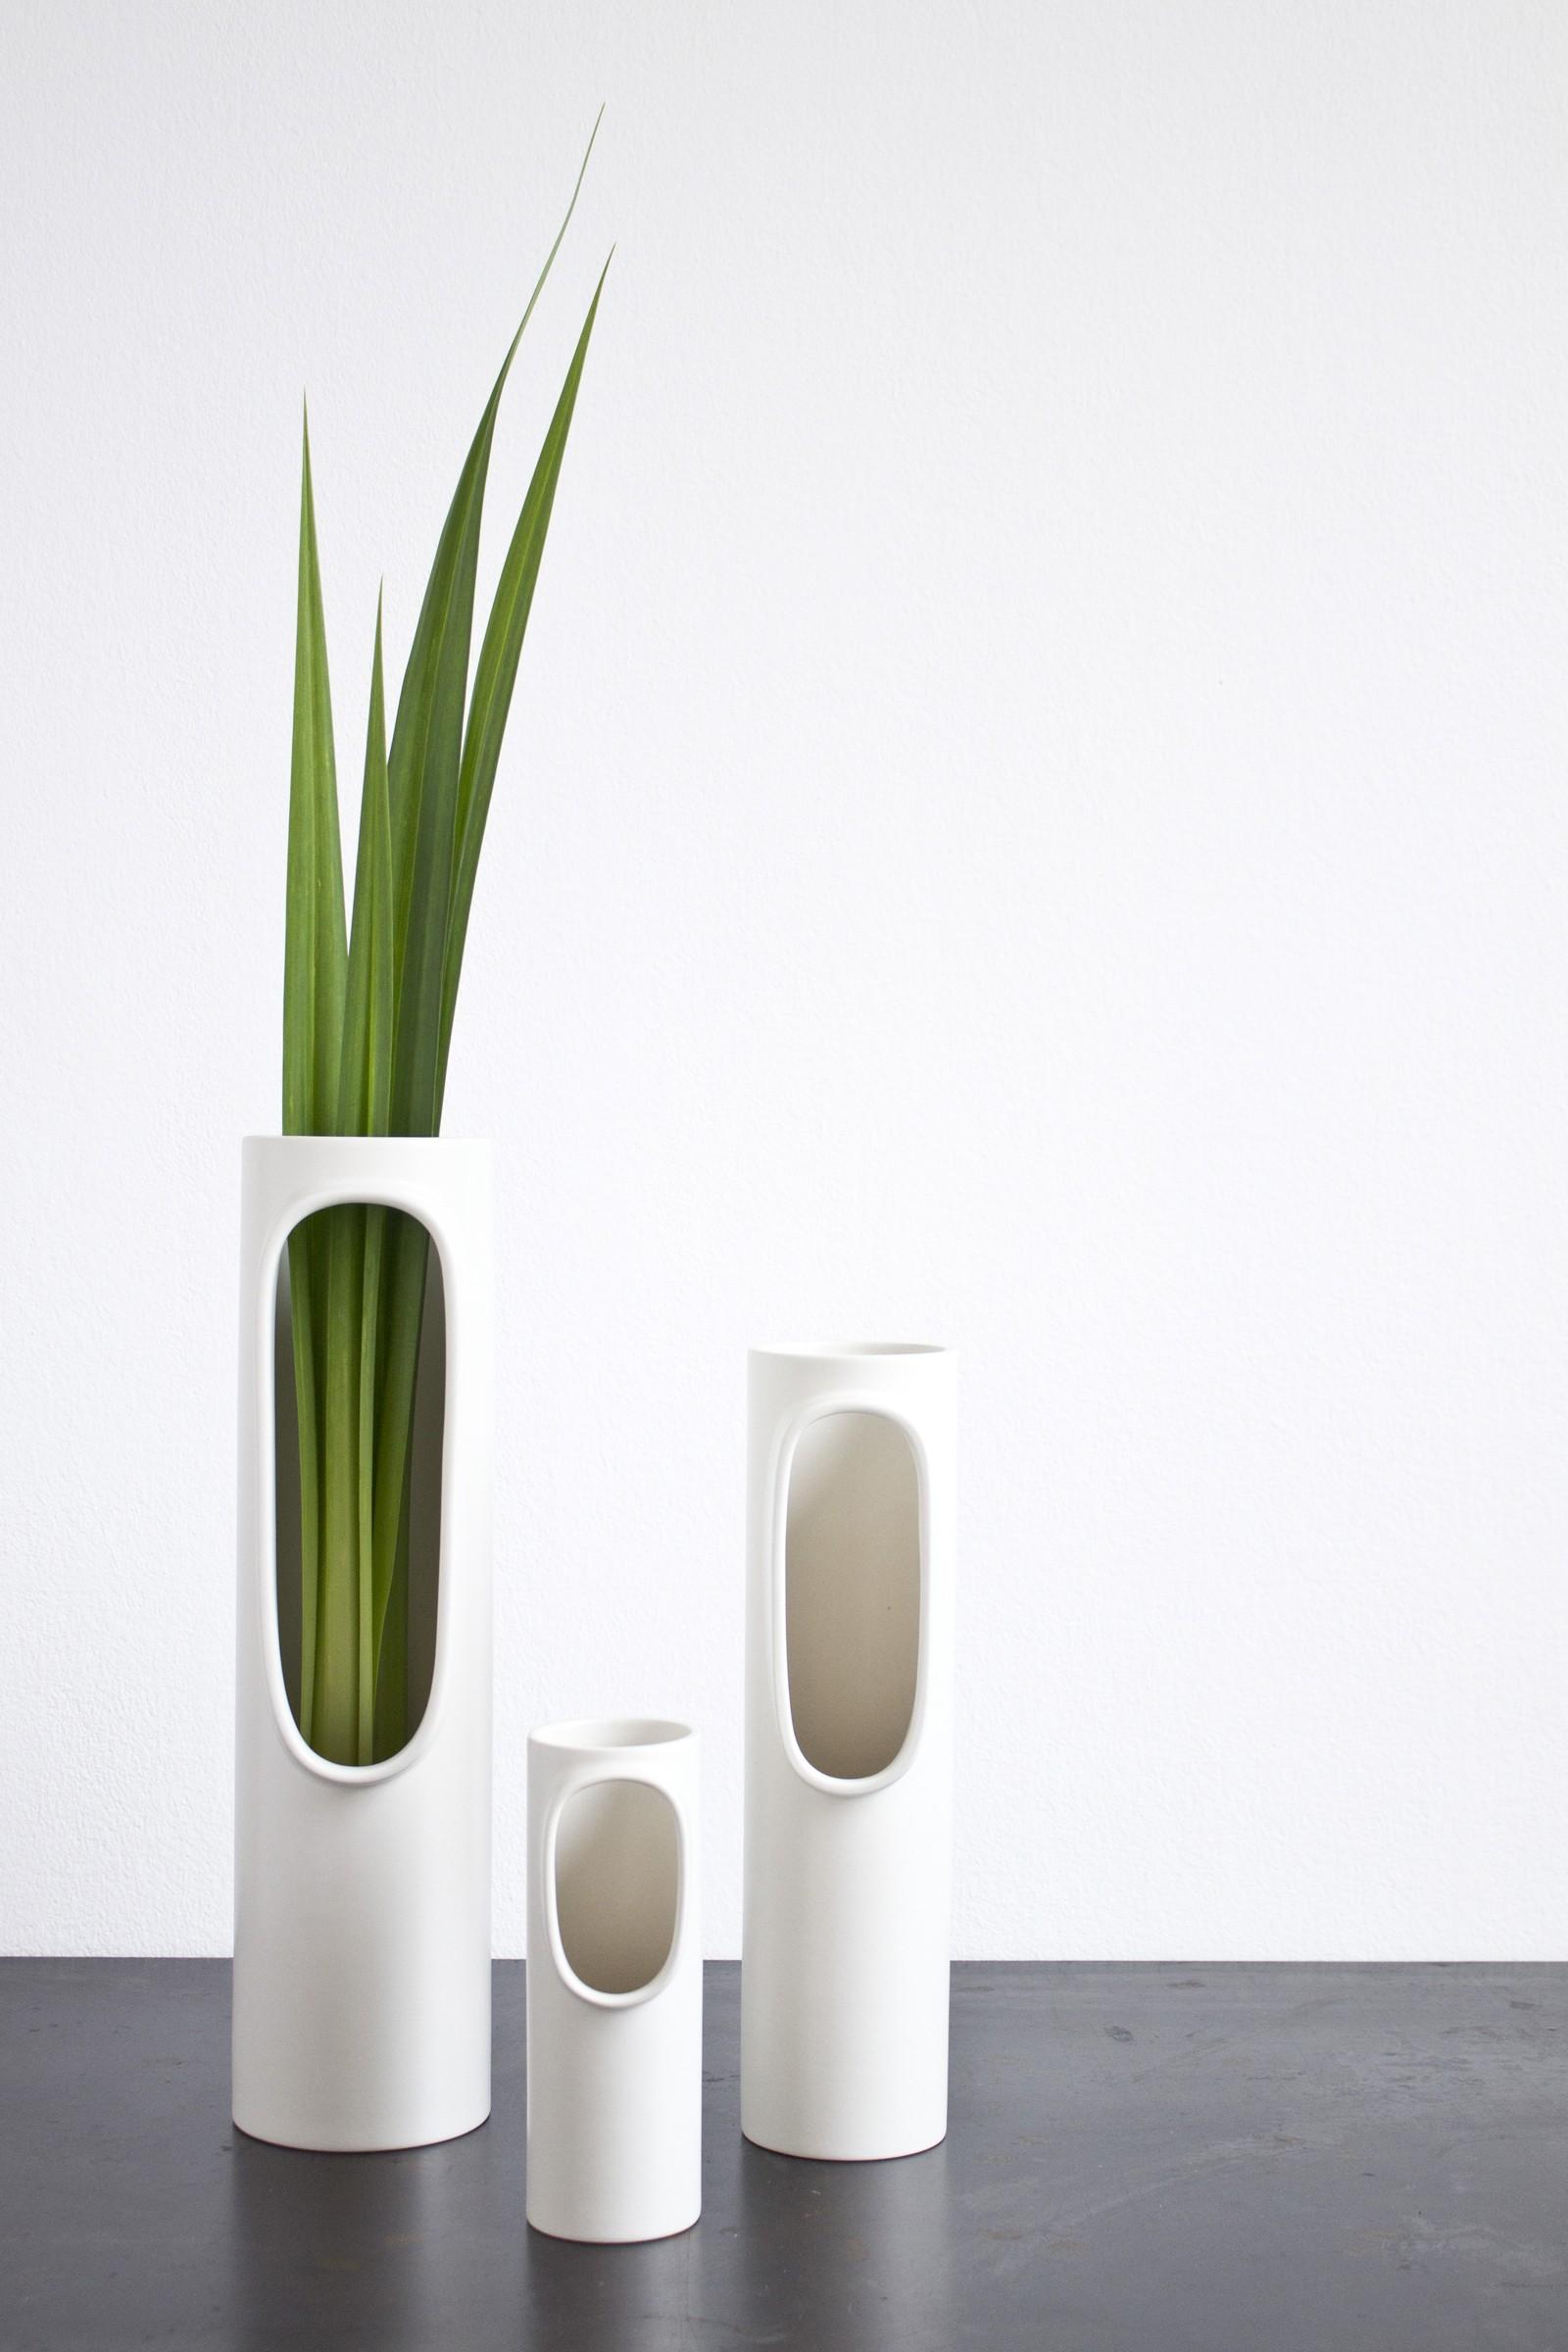 les vases kodama par comingb guten morgwen. Black Bedroom Furniture Sets. Home Design Ideas